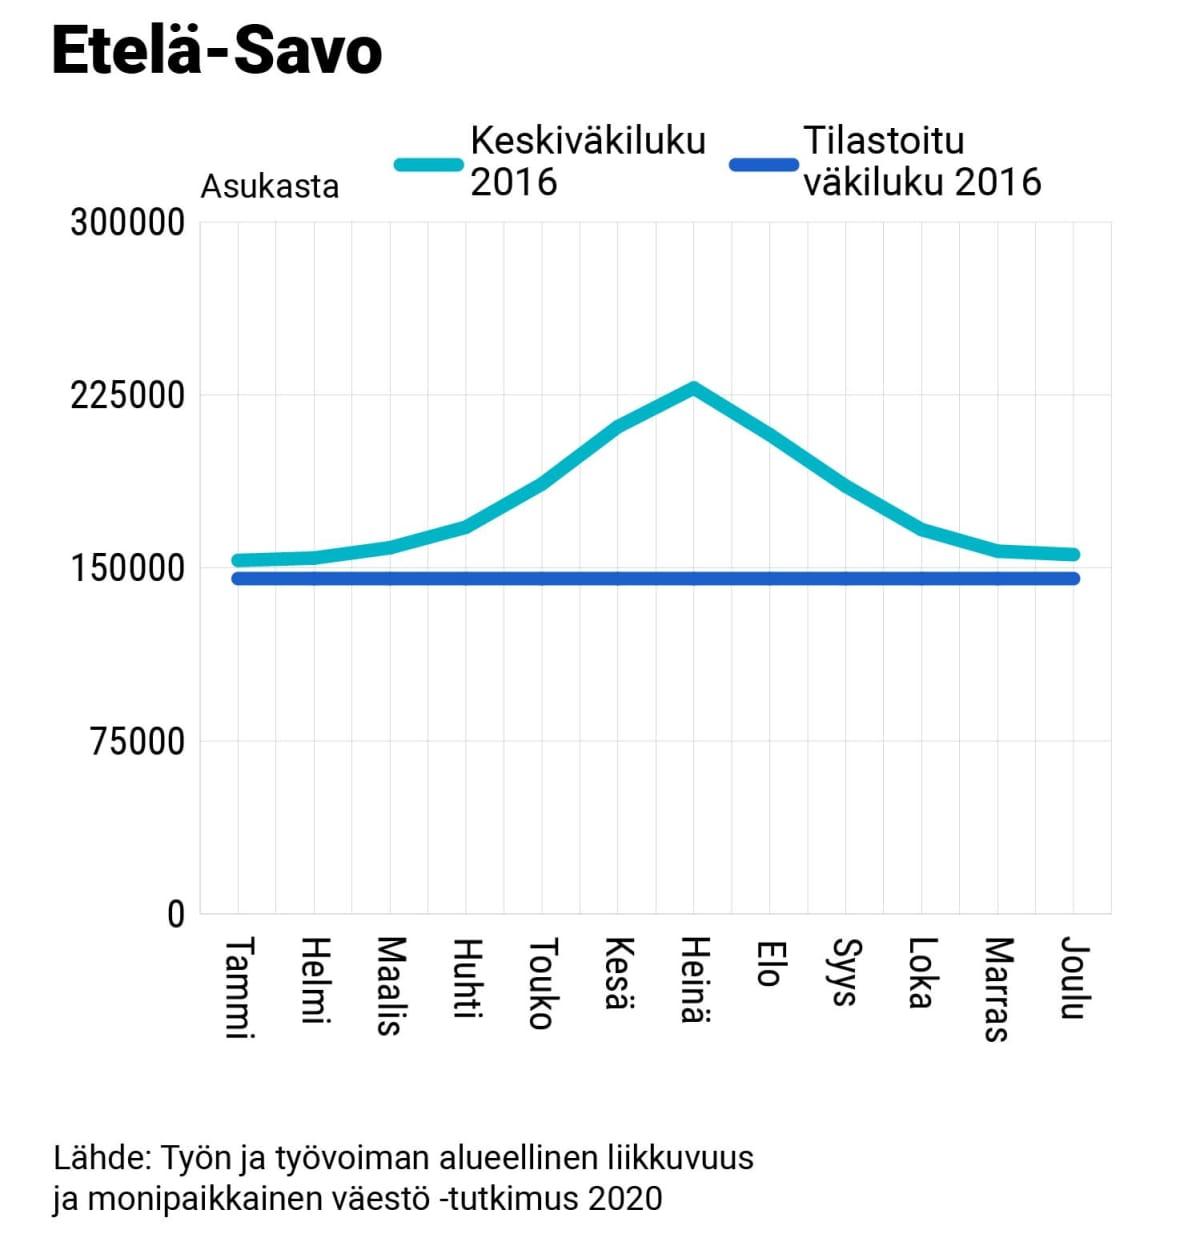 Etelä-Savon keskiväkiluku ja tilastoitu väkiluku, 2016